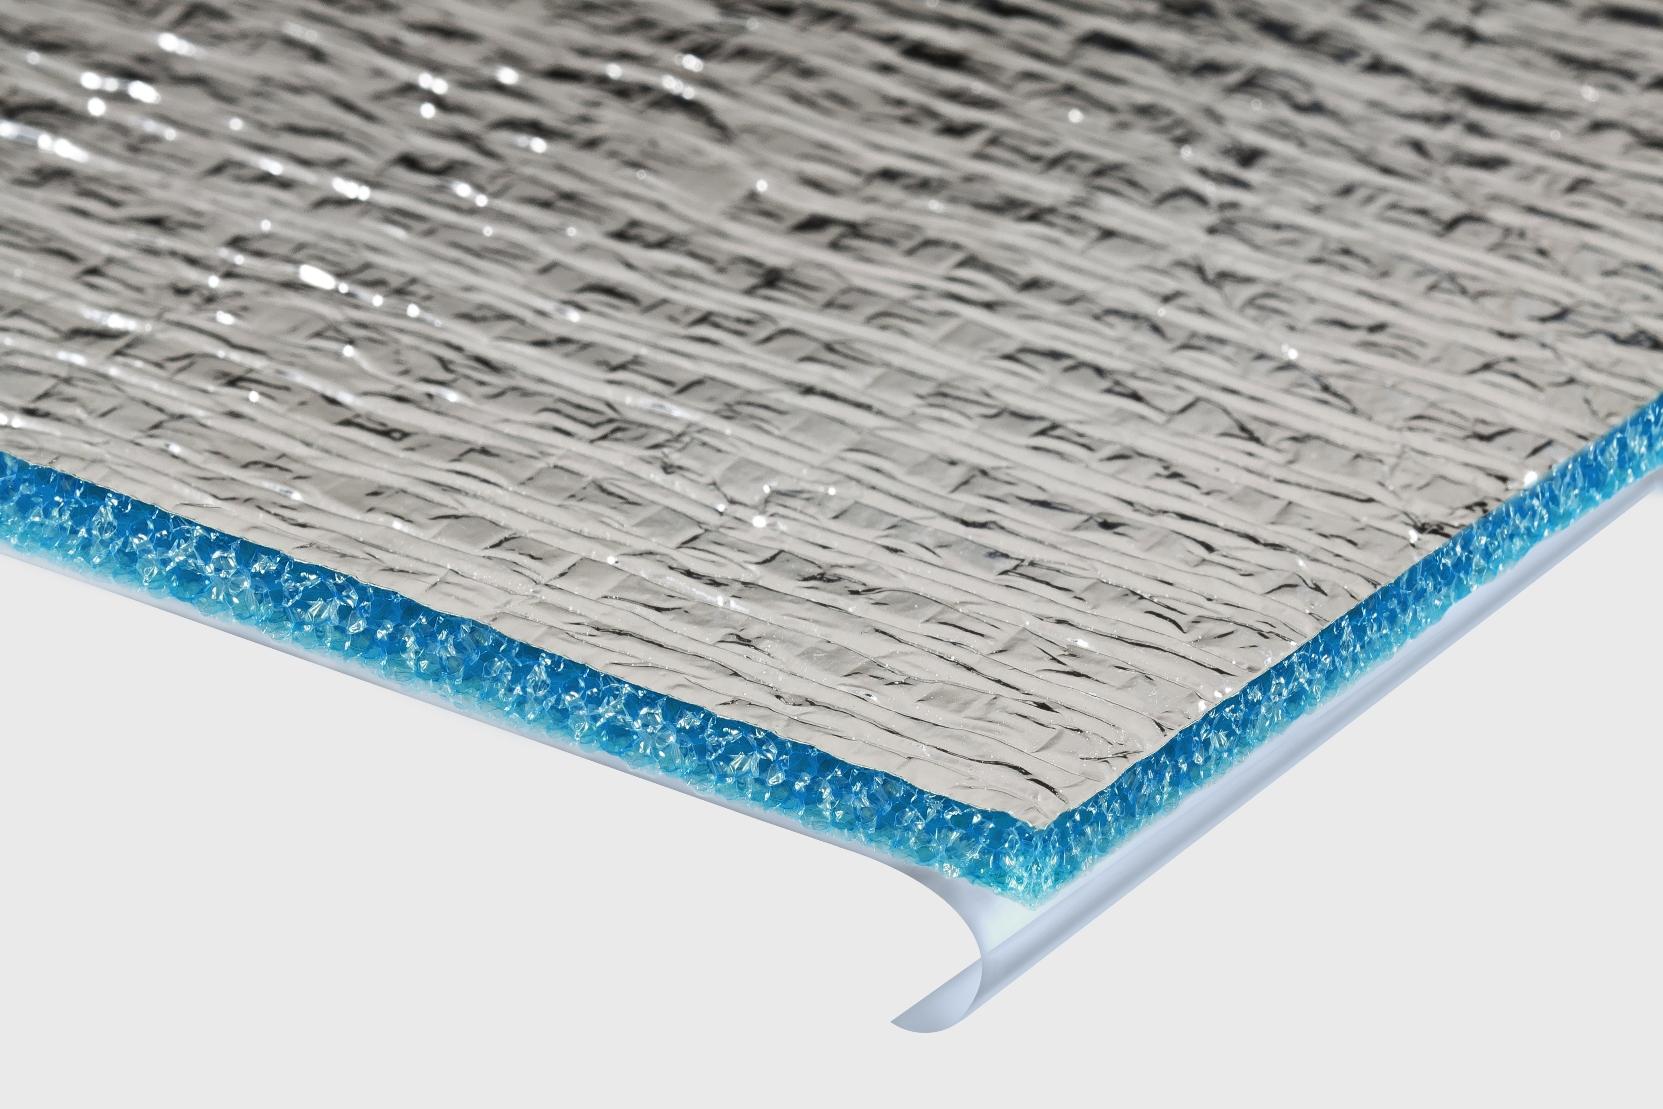 Теплоизоляция самоклеющаяся для систем кондиционирования и вентиляции Пенотерм НПЭ ЛФ 5мм (0,6х30м)